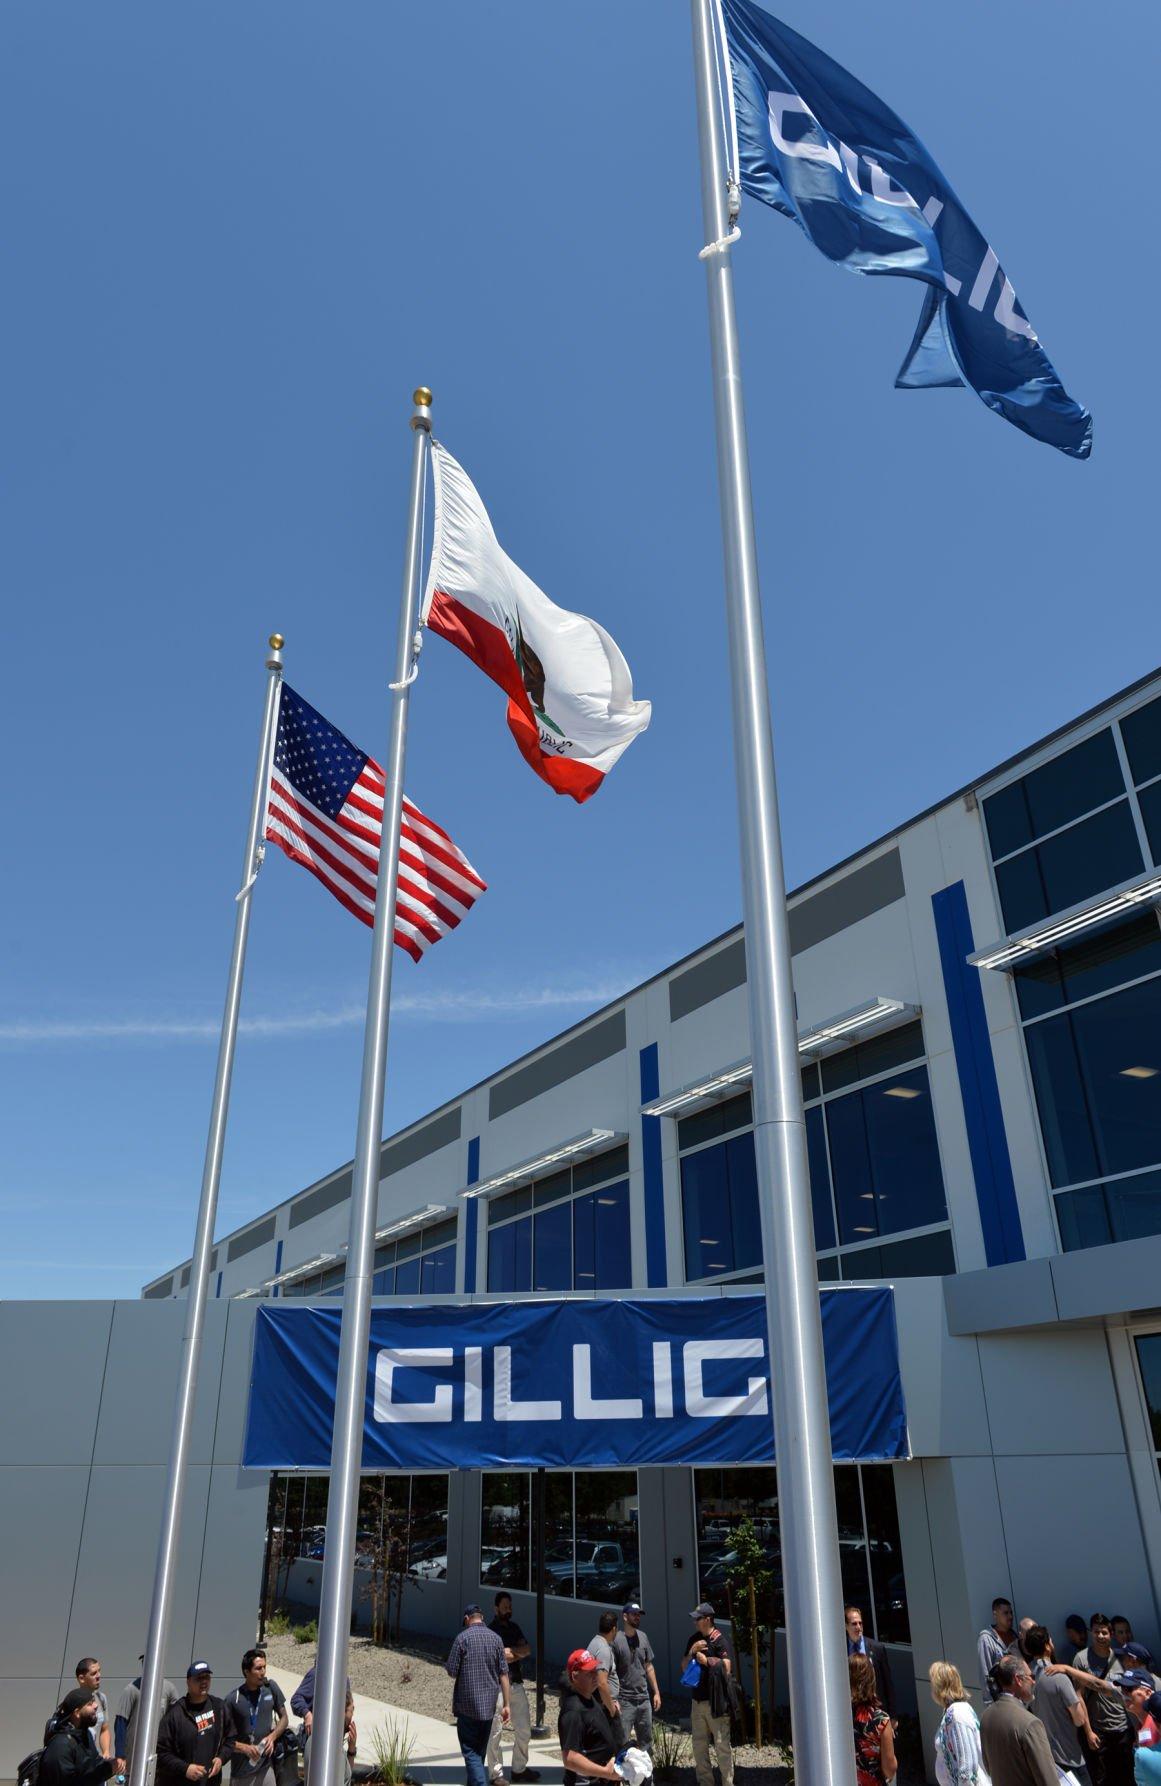 Gillig 06-01-17 266